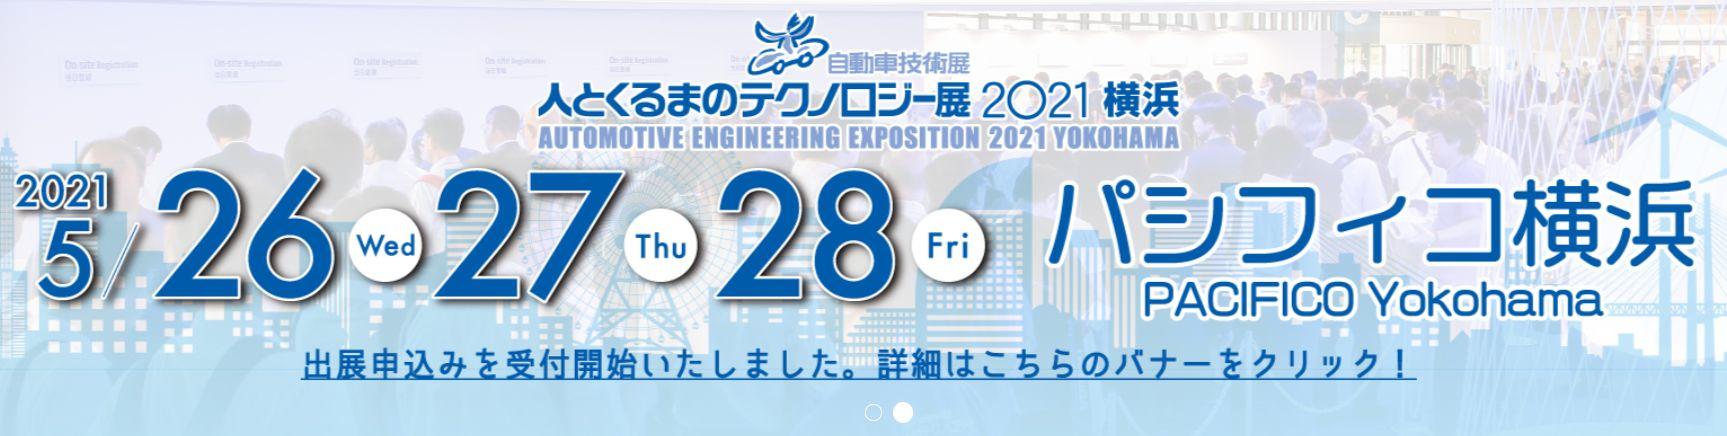 """ハイテク化の先の""""未来のくるま""""とは!?「人とくるまのテクノロジー展2021 横浜」"""